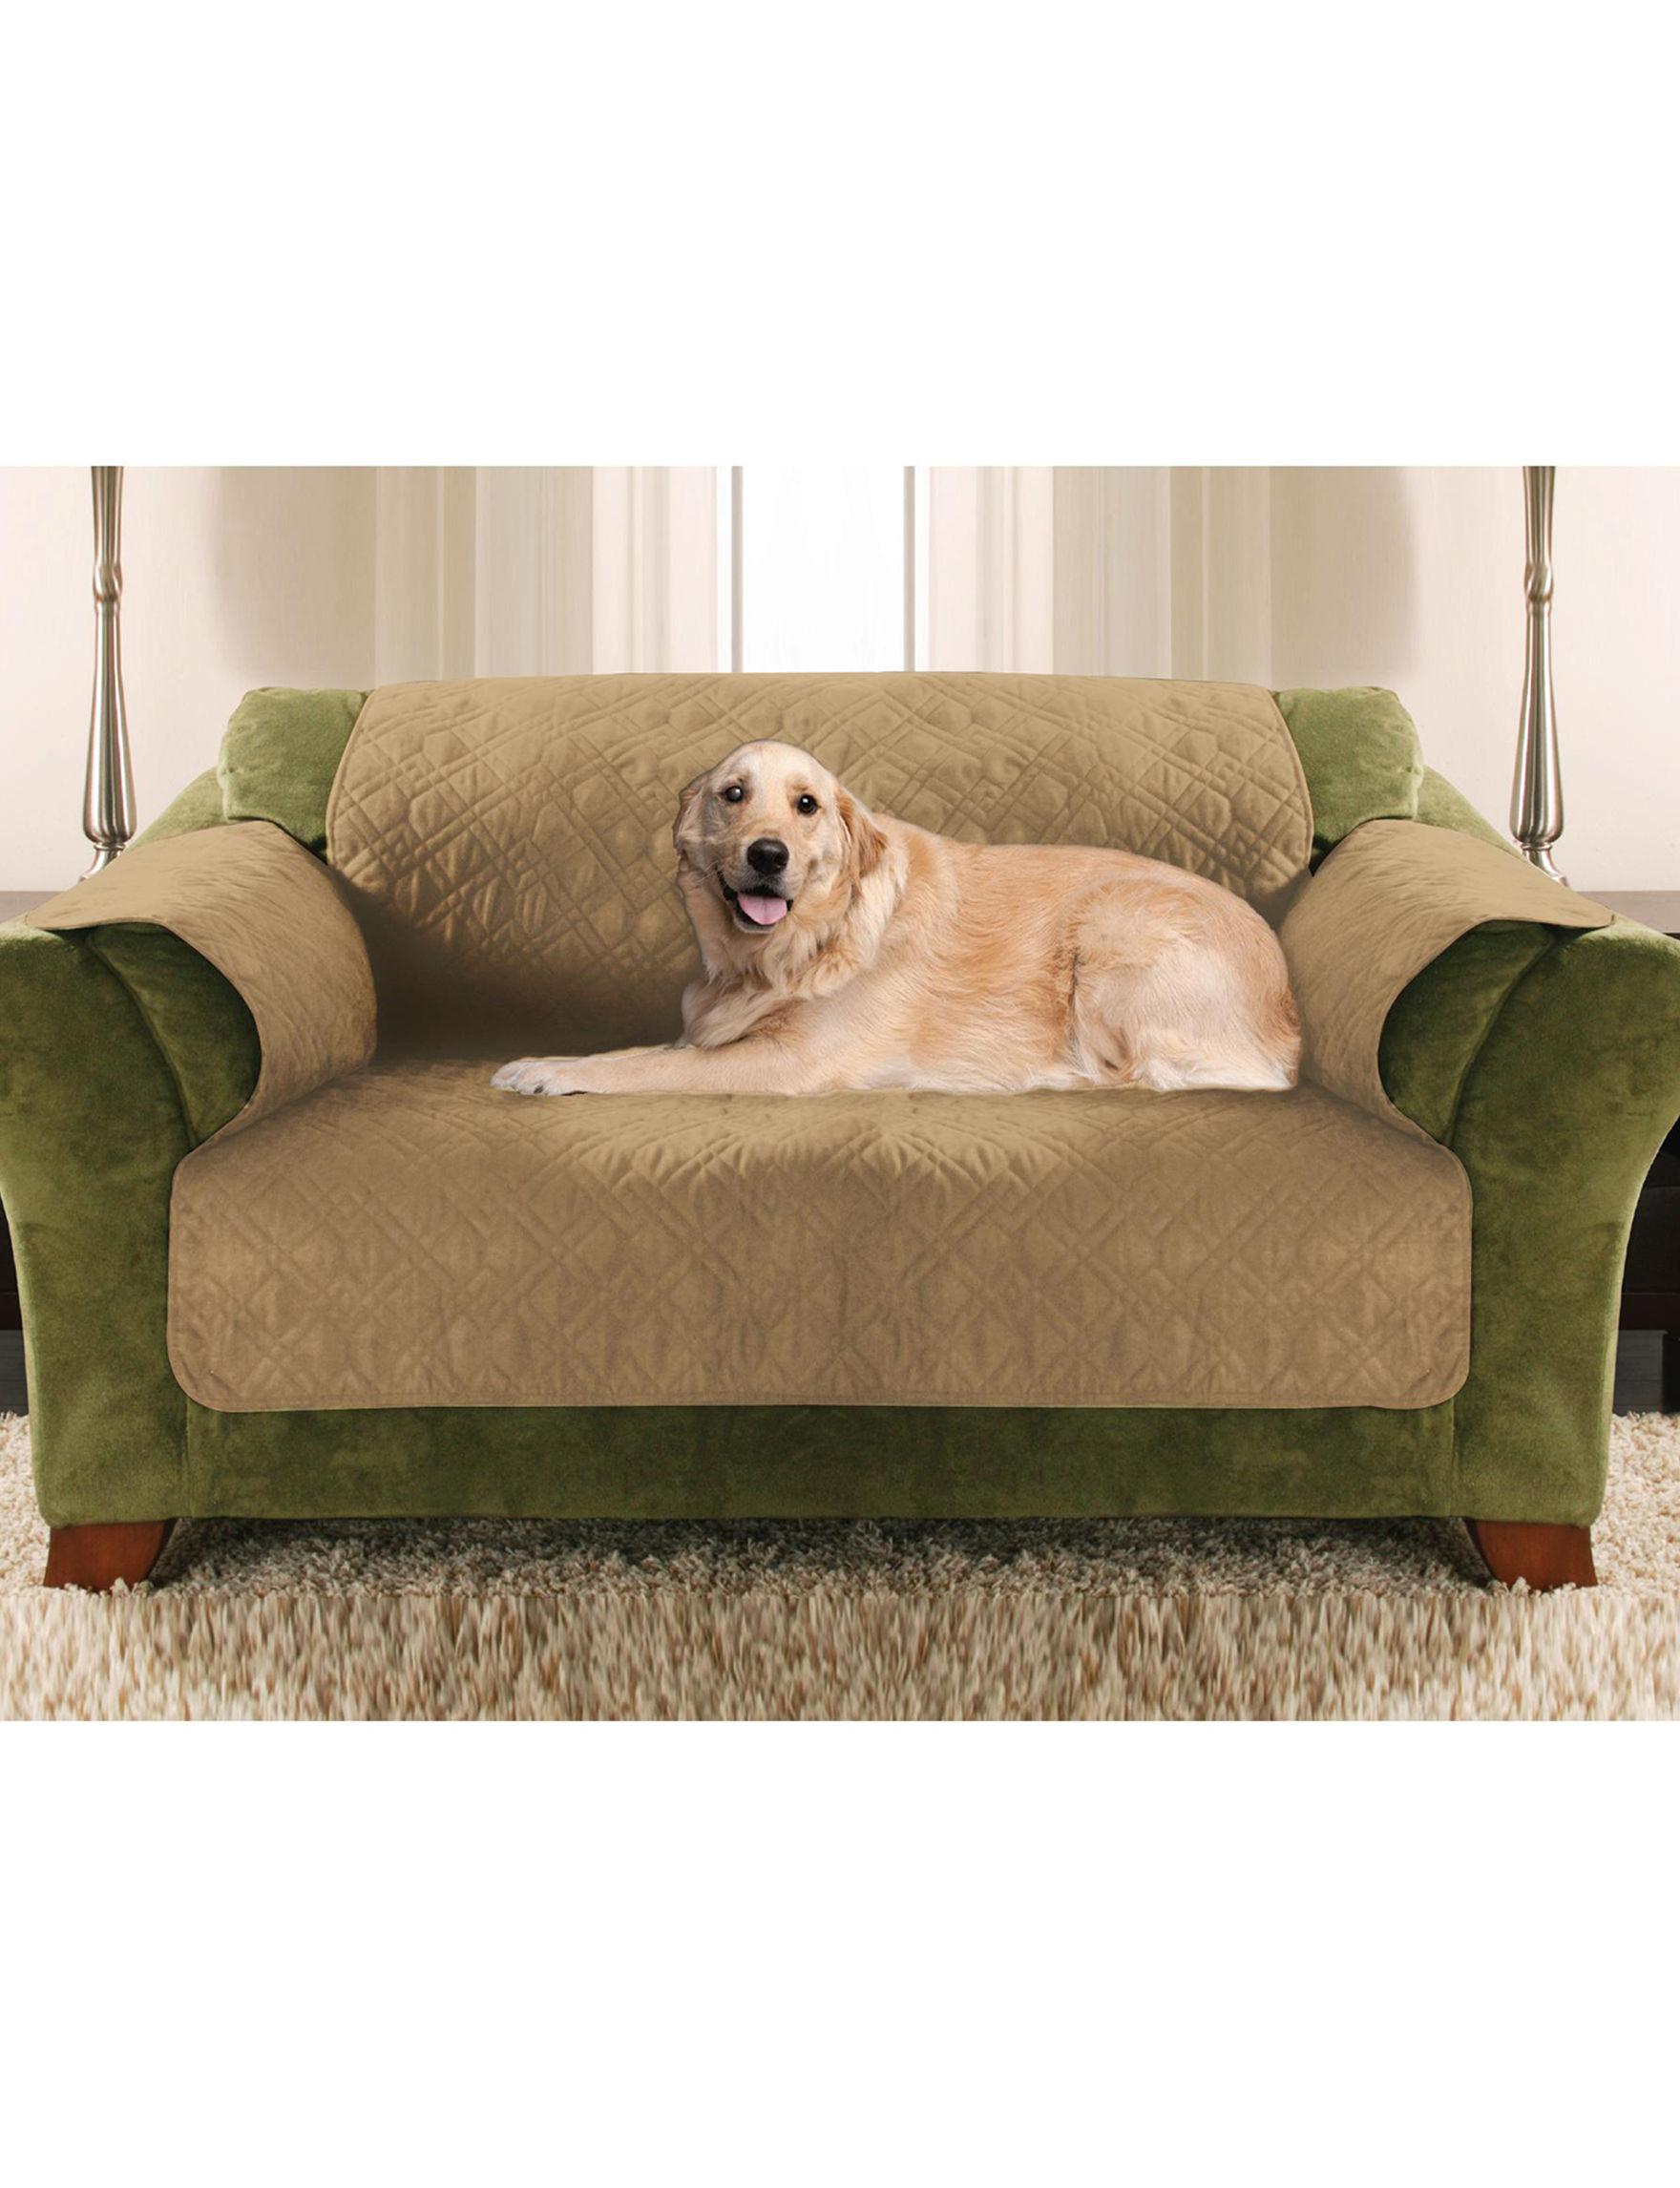 Reflex Sales Tan Pet Beds & Houses